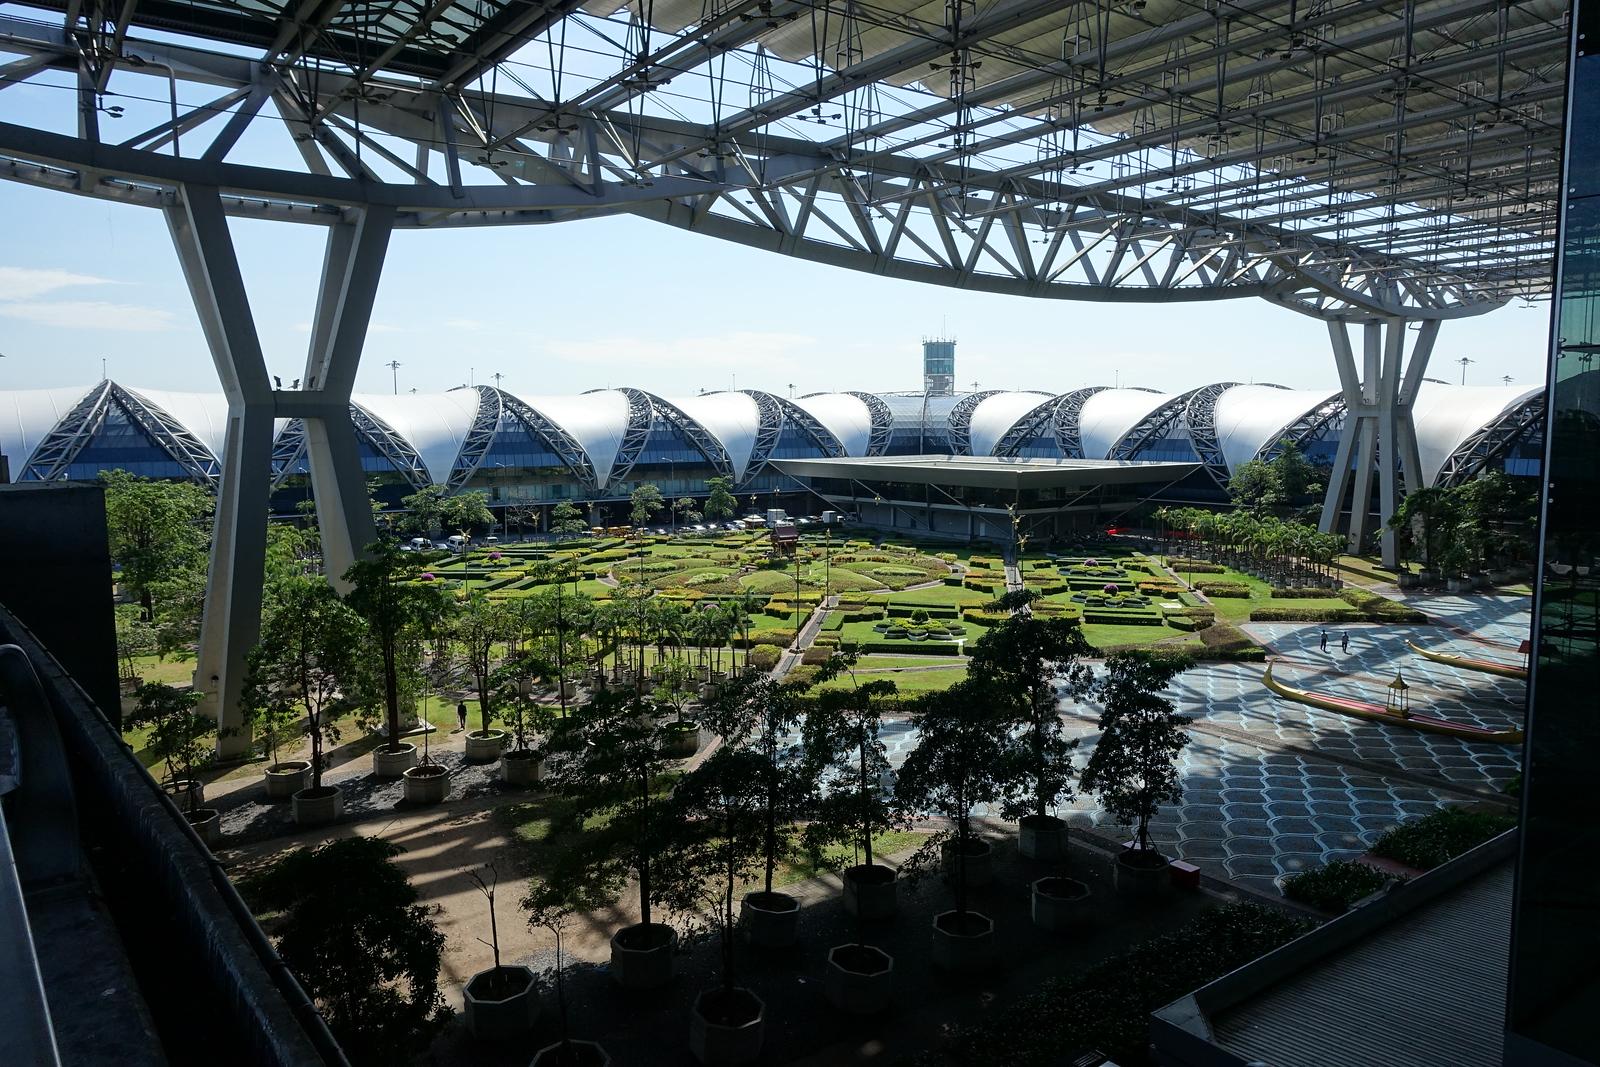 Bangkok – Suvarnabhumi Airport